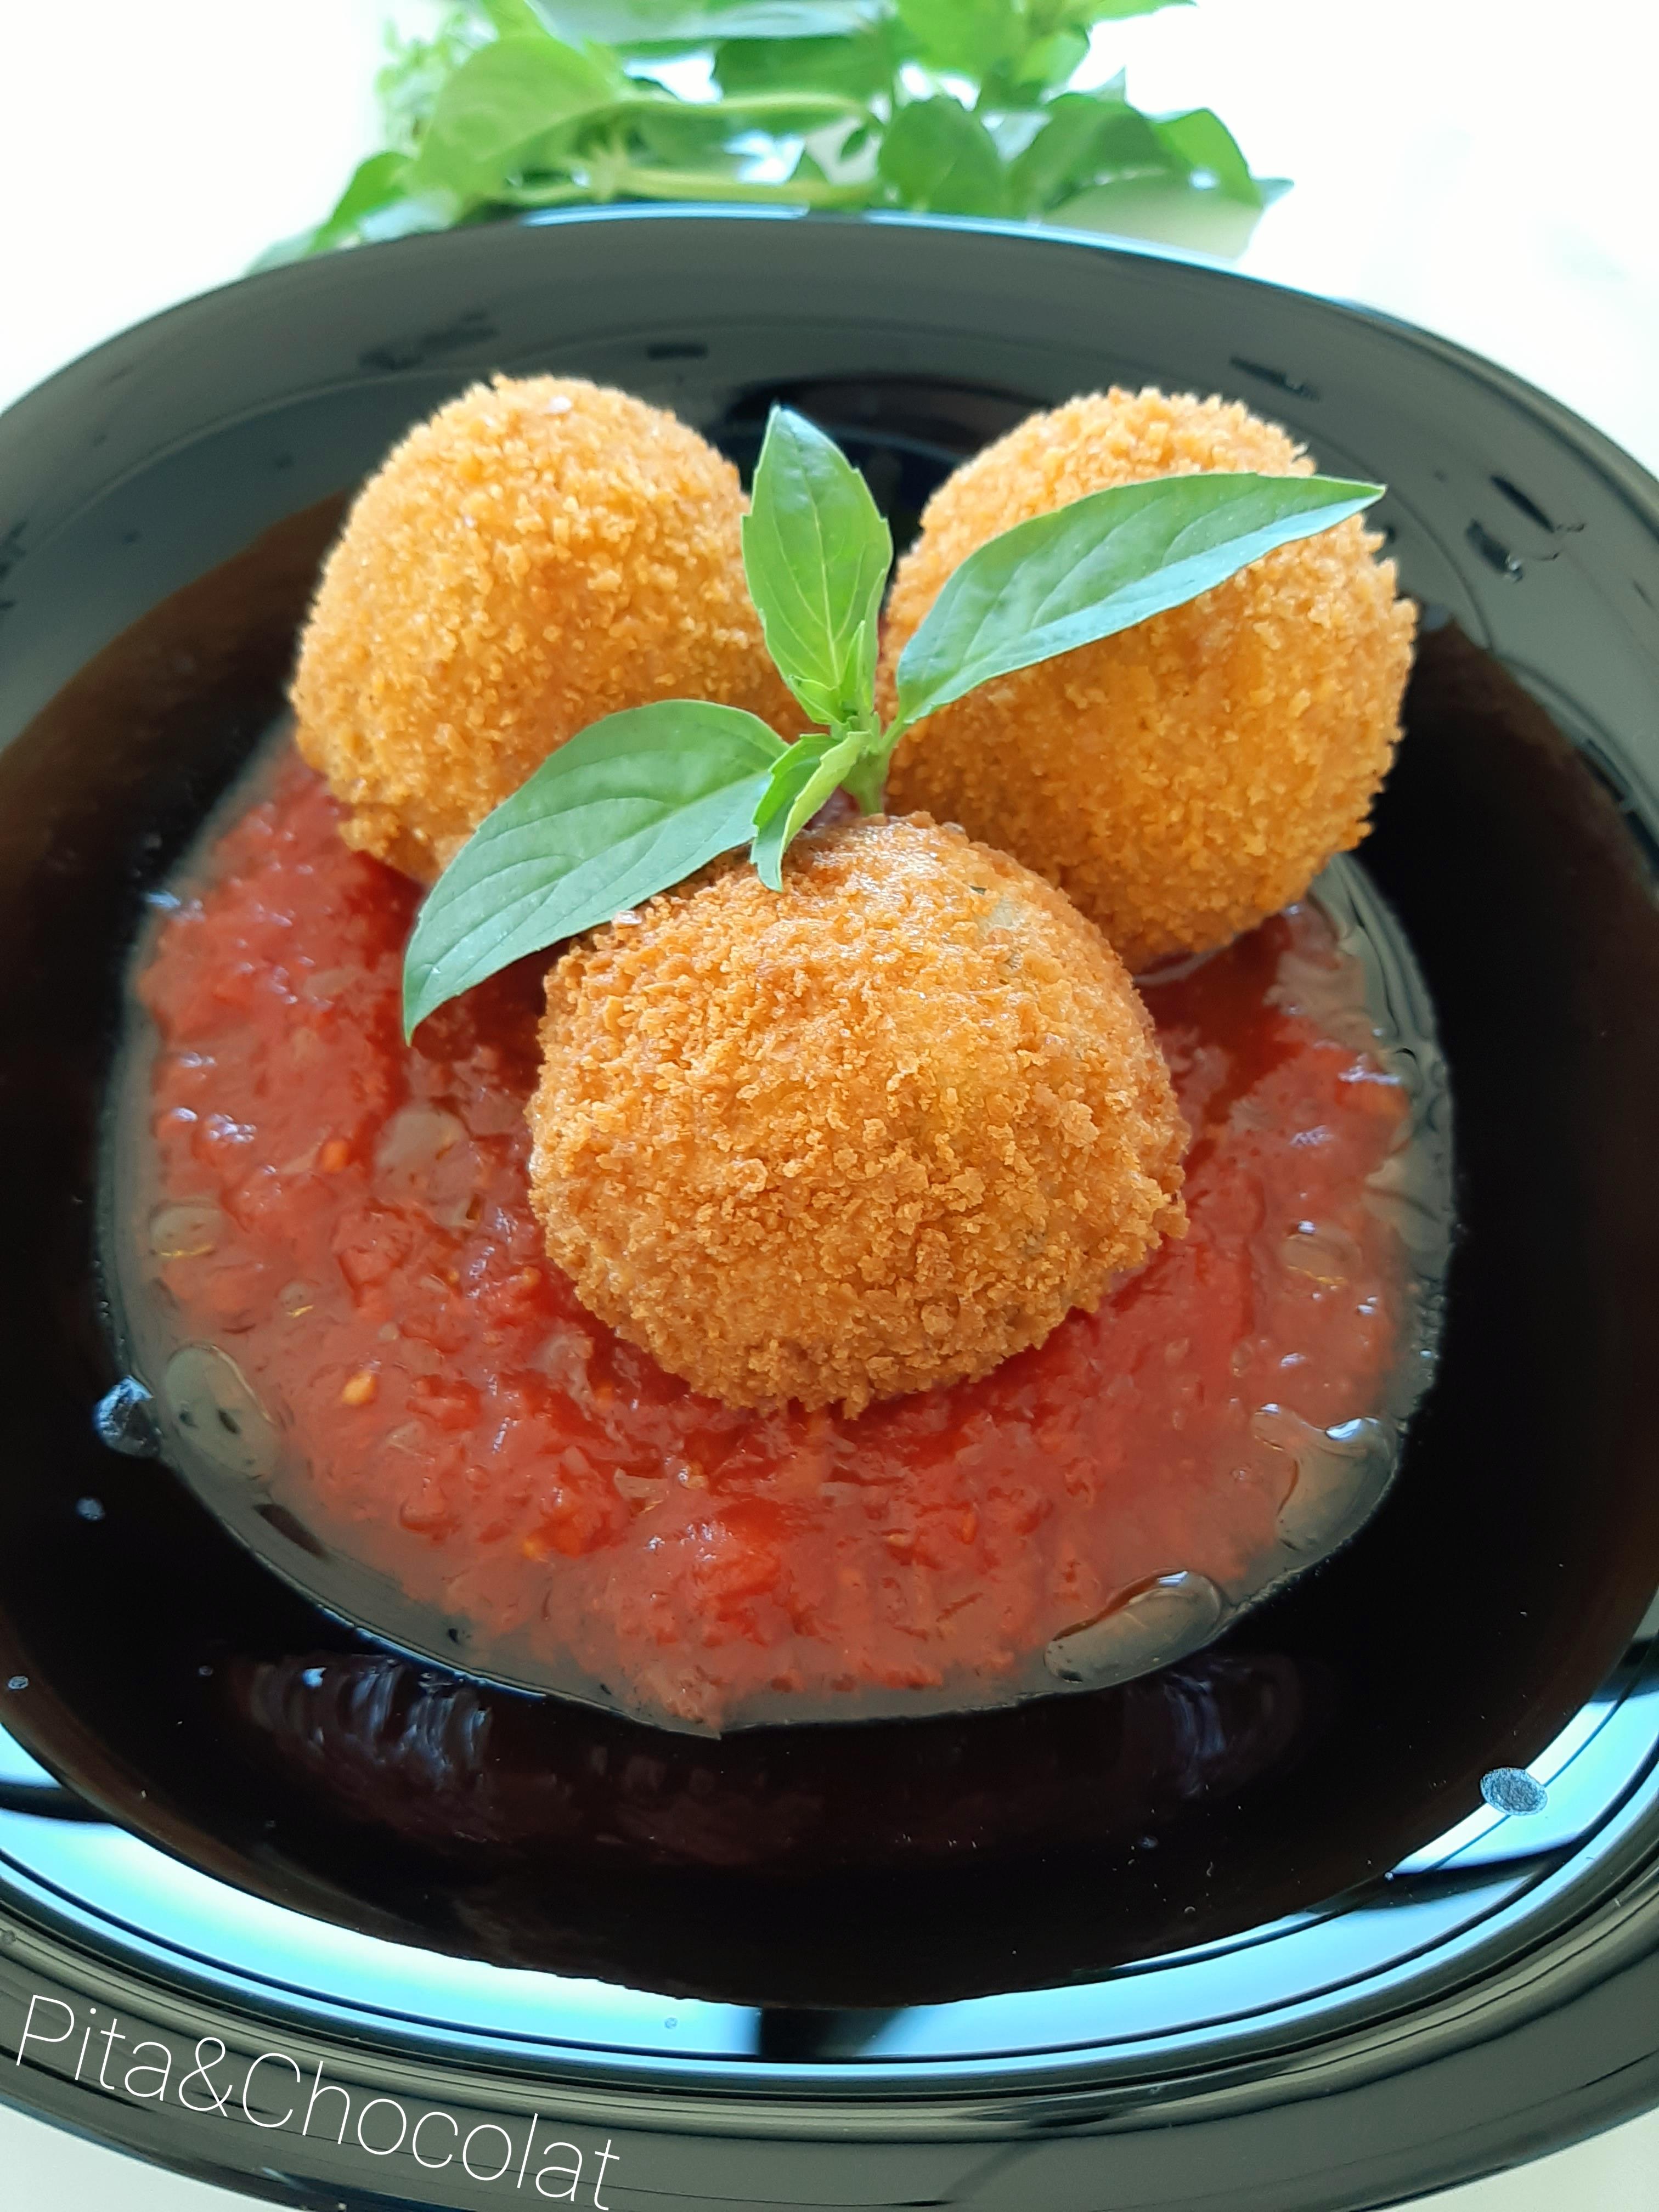 Arancini au pesto - boules de risotto panées